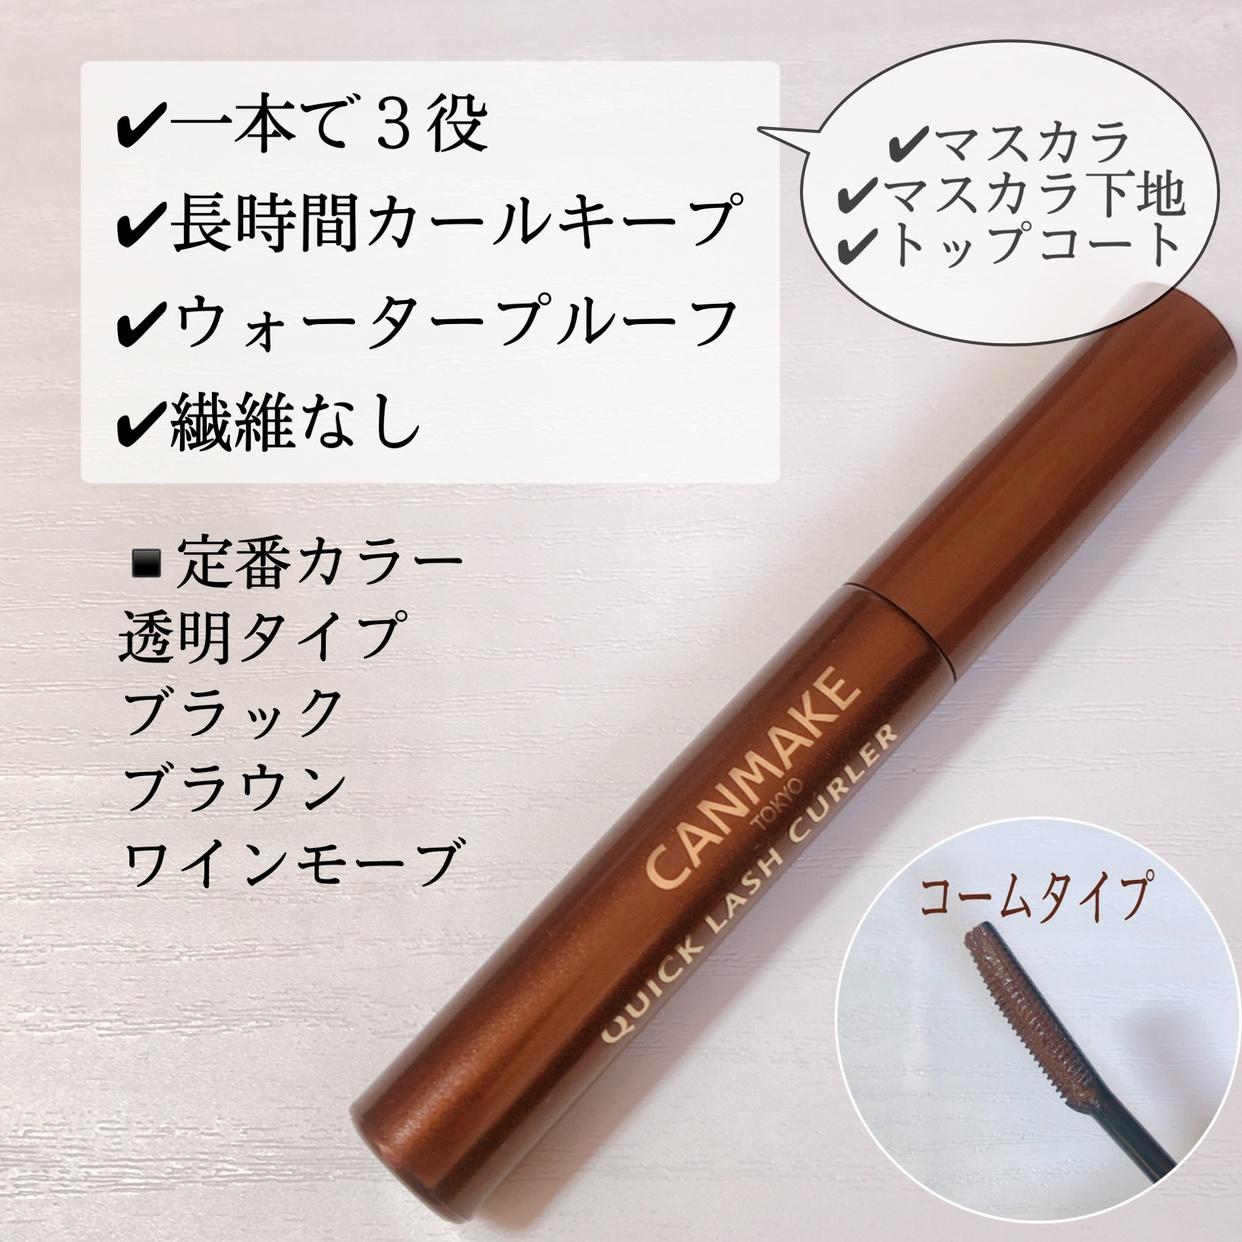 CANMAKE(キャンメイク) クイックラッシュカーラーに関するsachikoさんの口コミ画像2